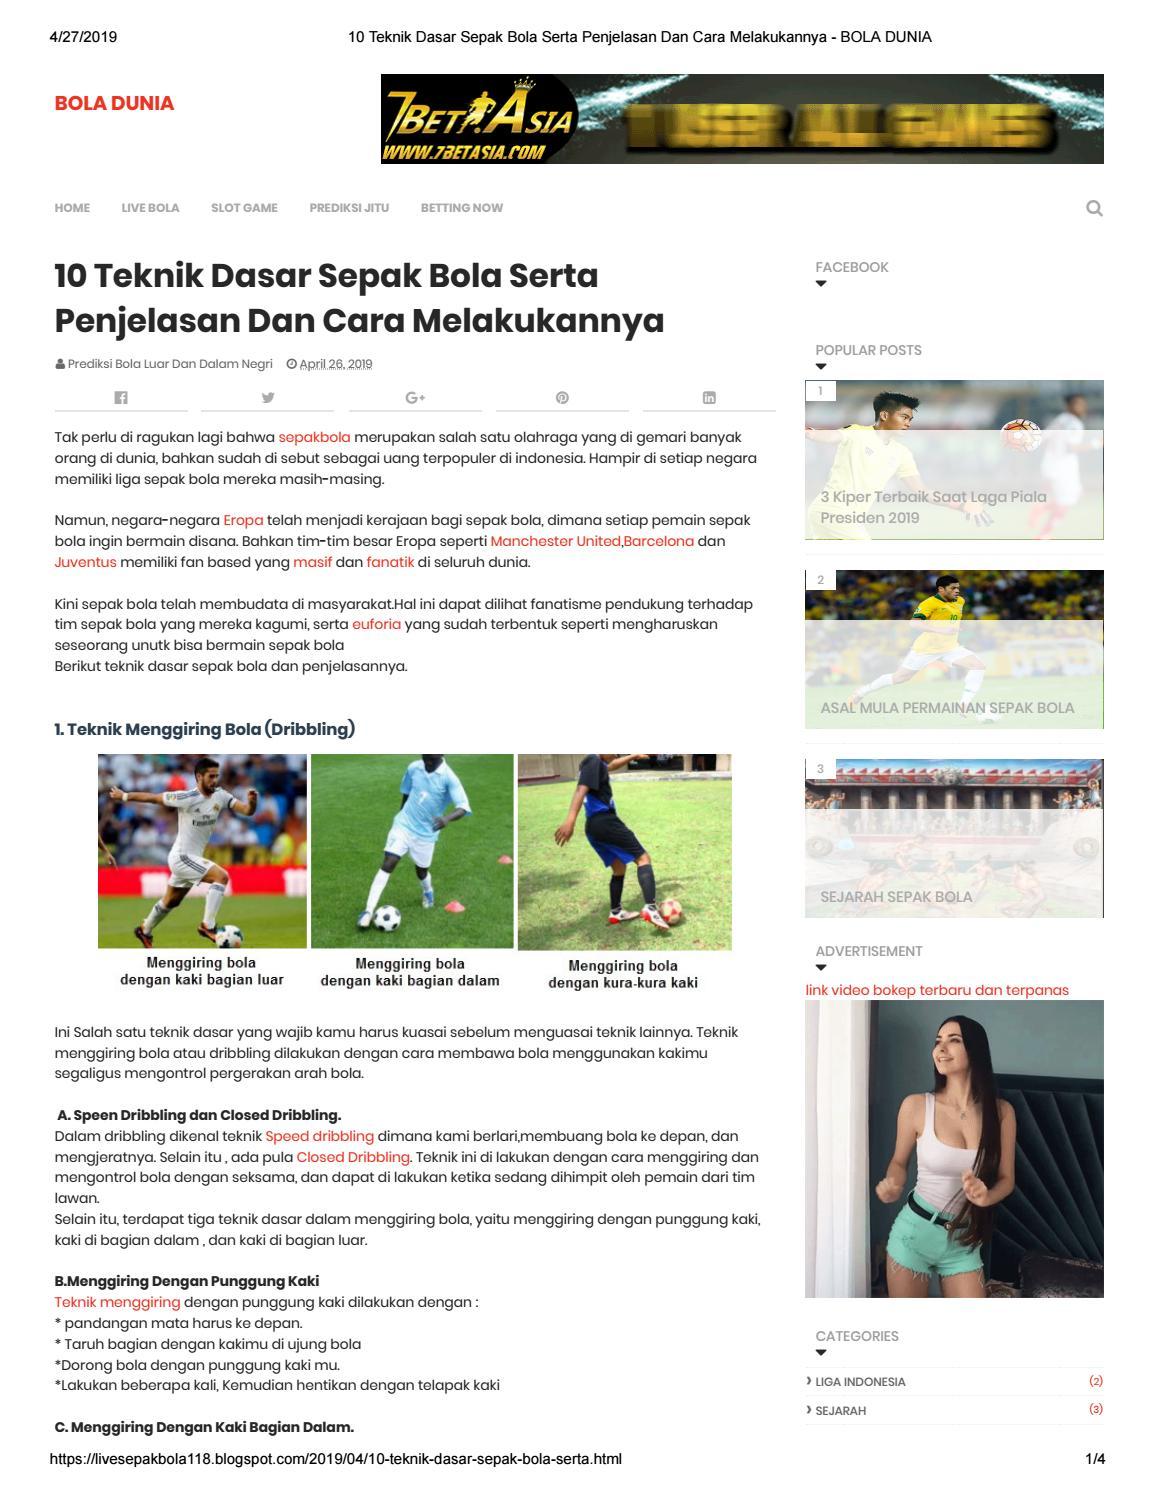 4 Teknik Dasar Sepak Bola : teknik, dasar, sepak, Teknik, Dasar, Sepak, Serta, Penjelasan, Melakukannya, Milency02, Issuu